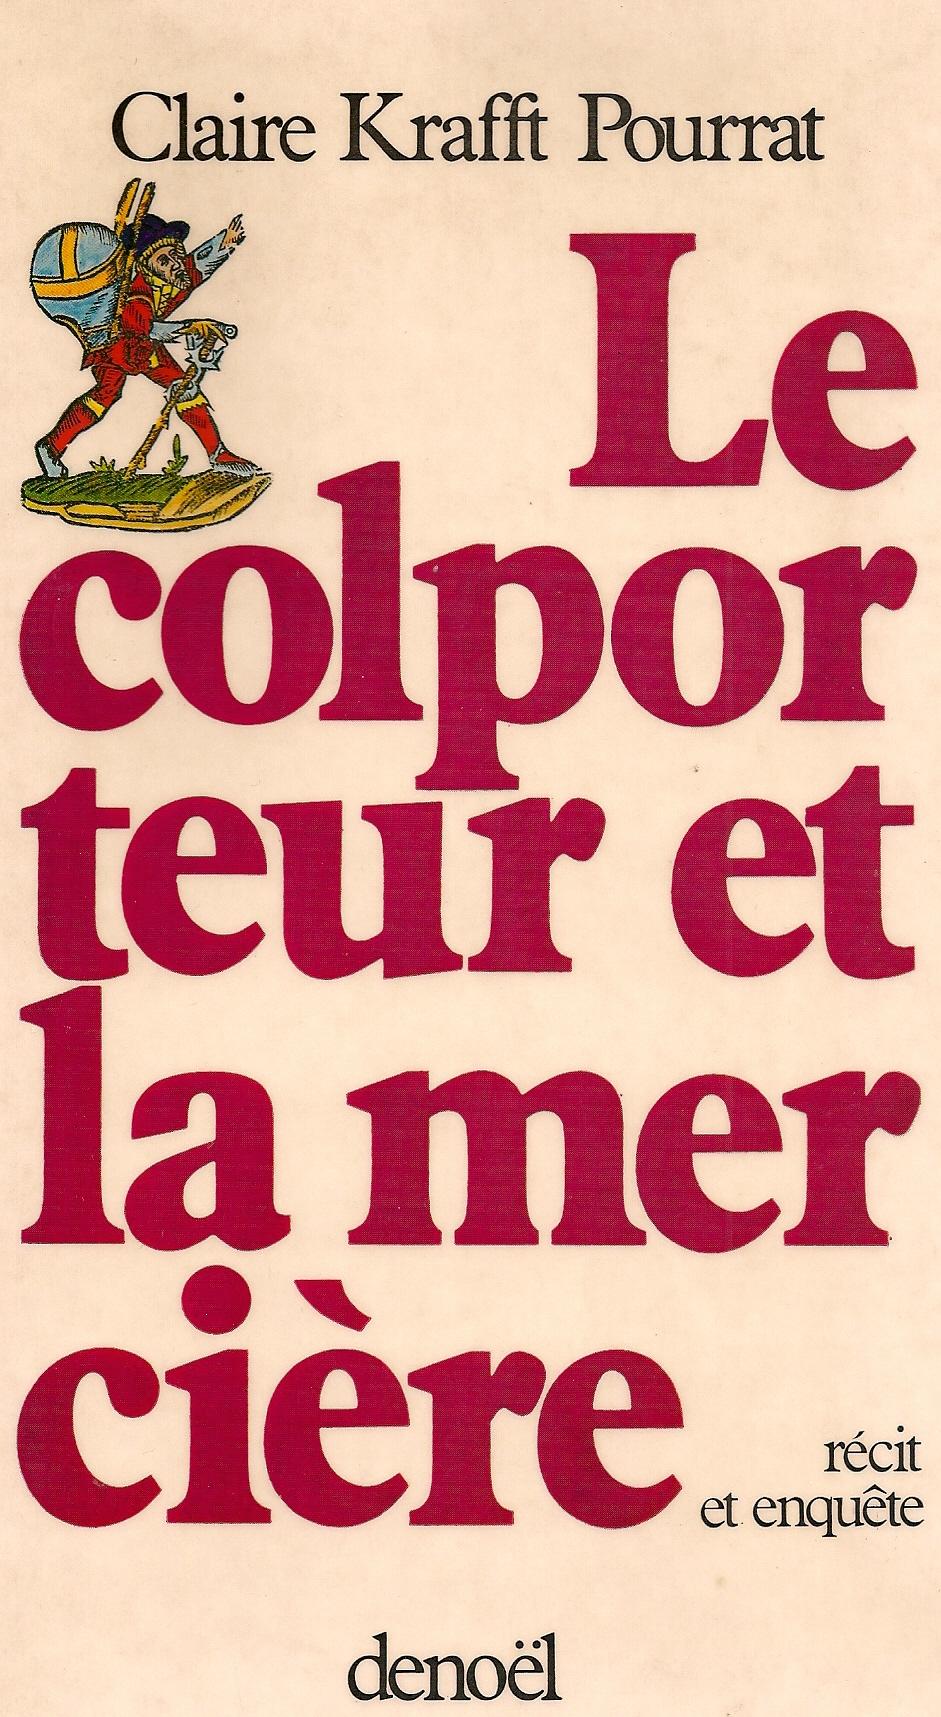 colporteur p1 (2)